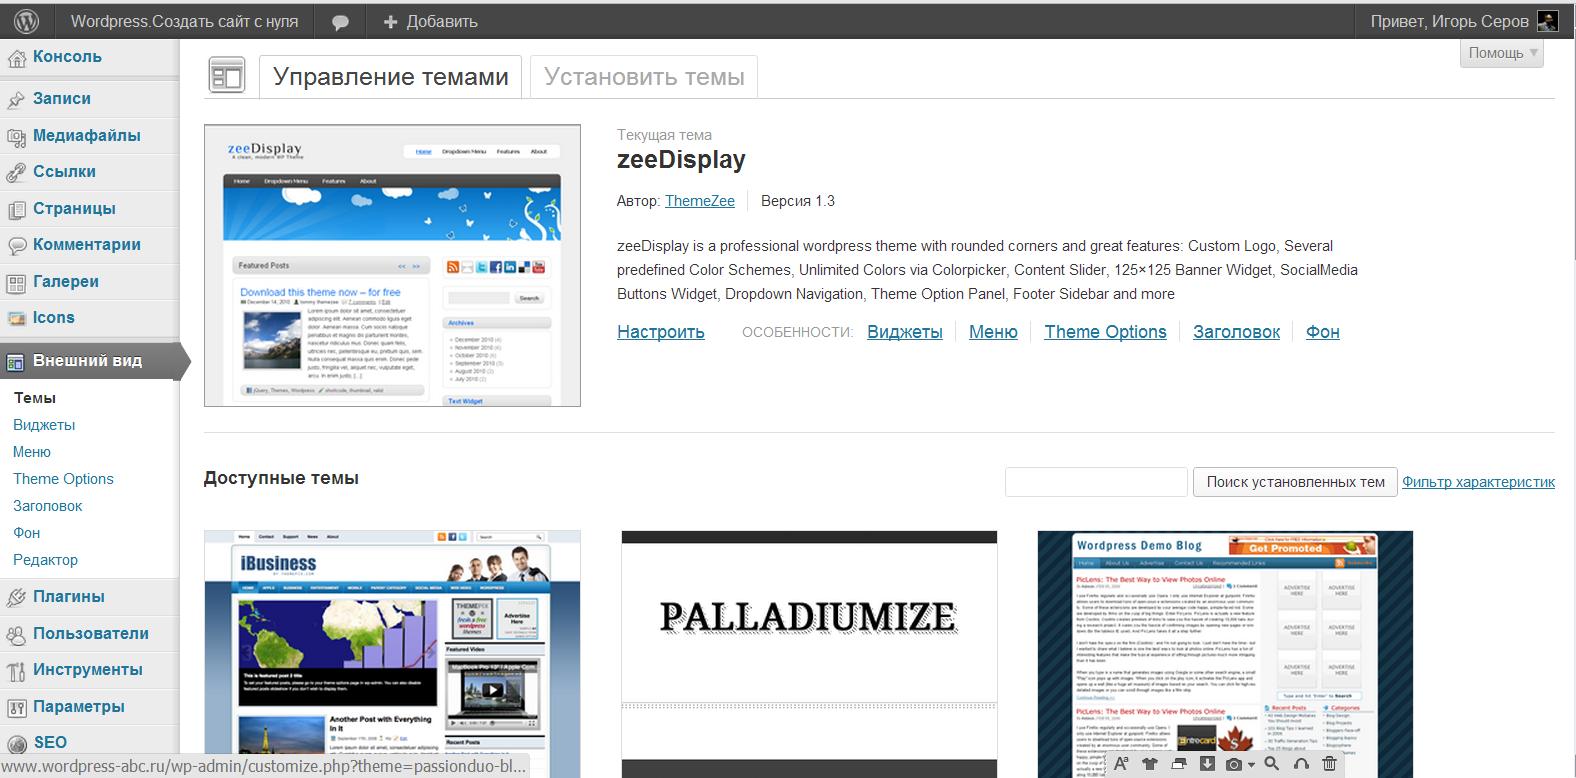 Как сделать заголовок ссылкой на wordpress